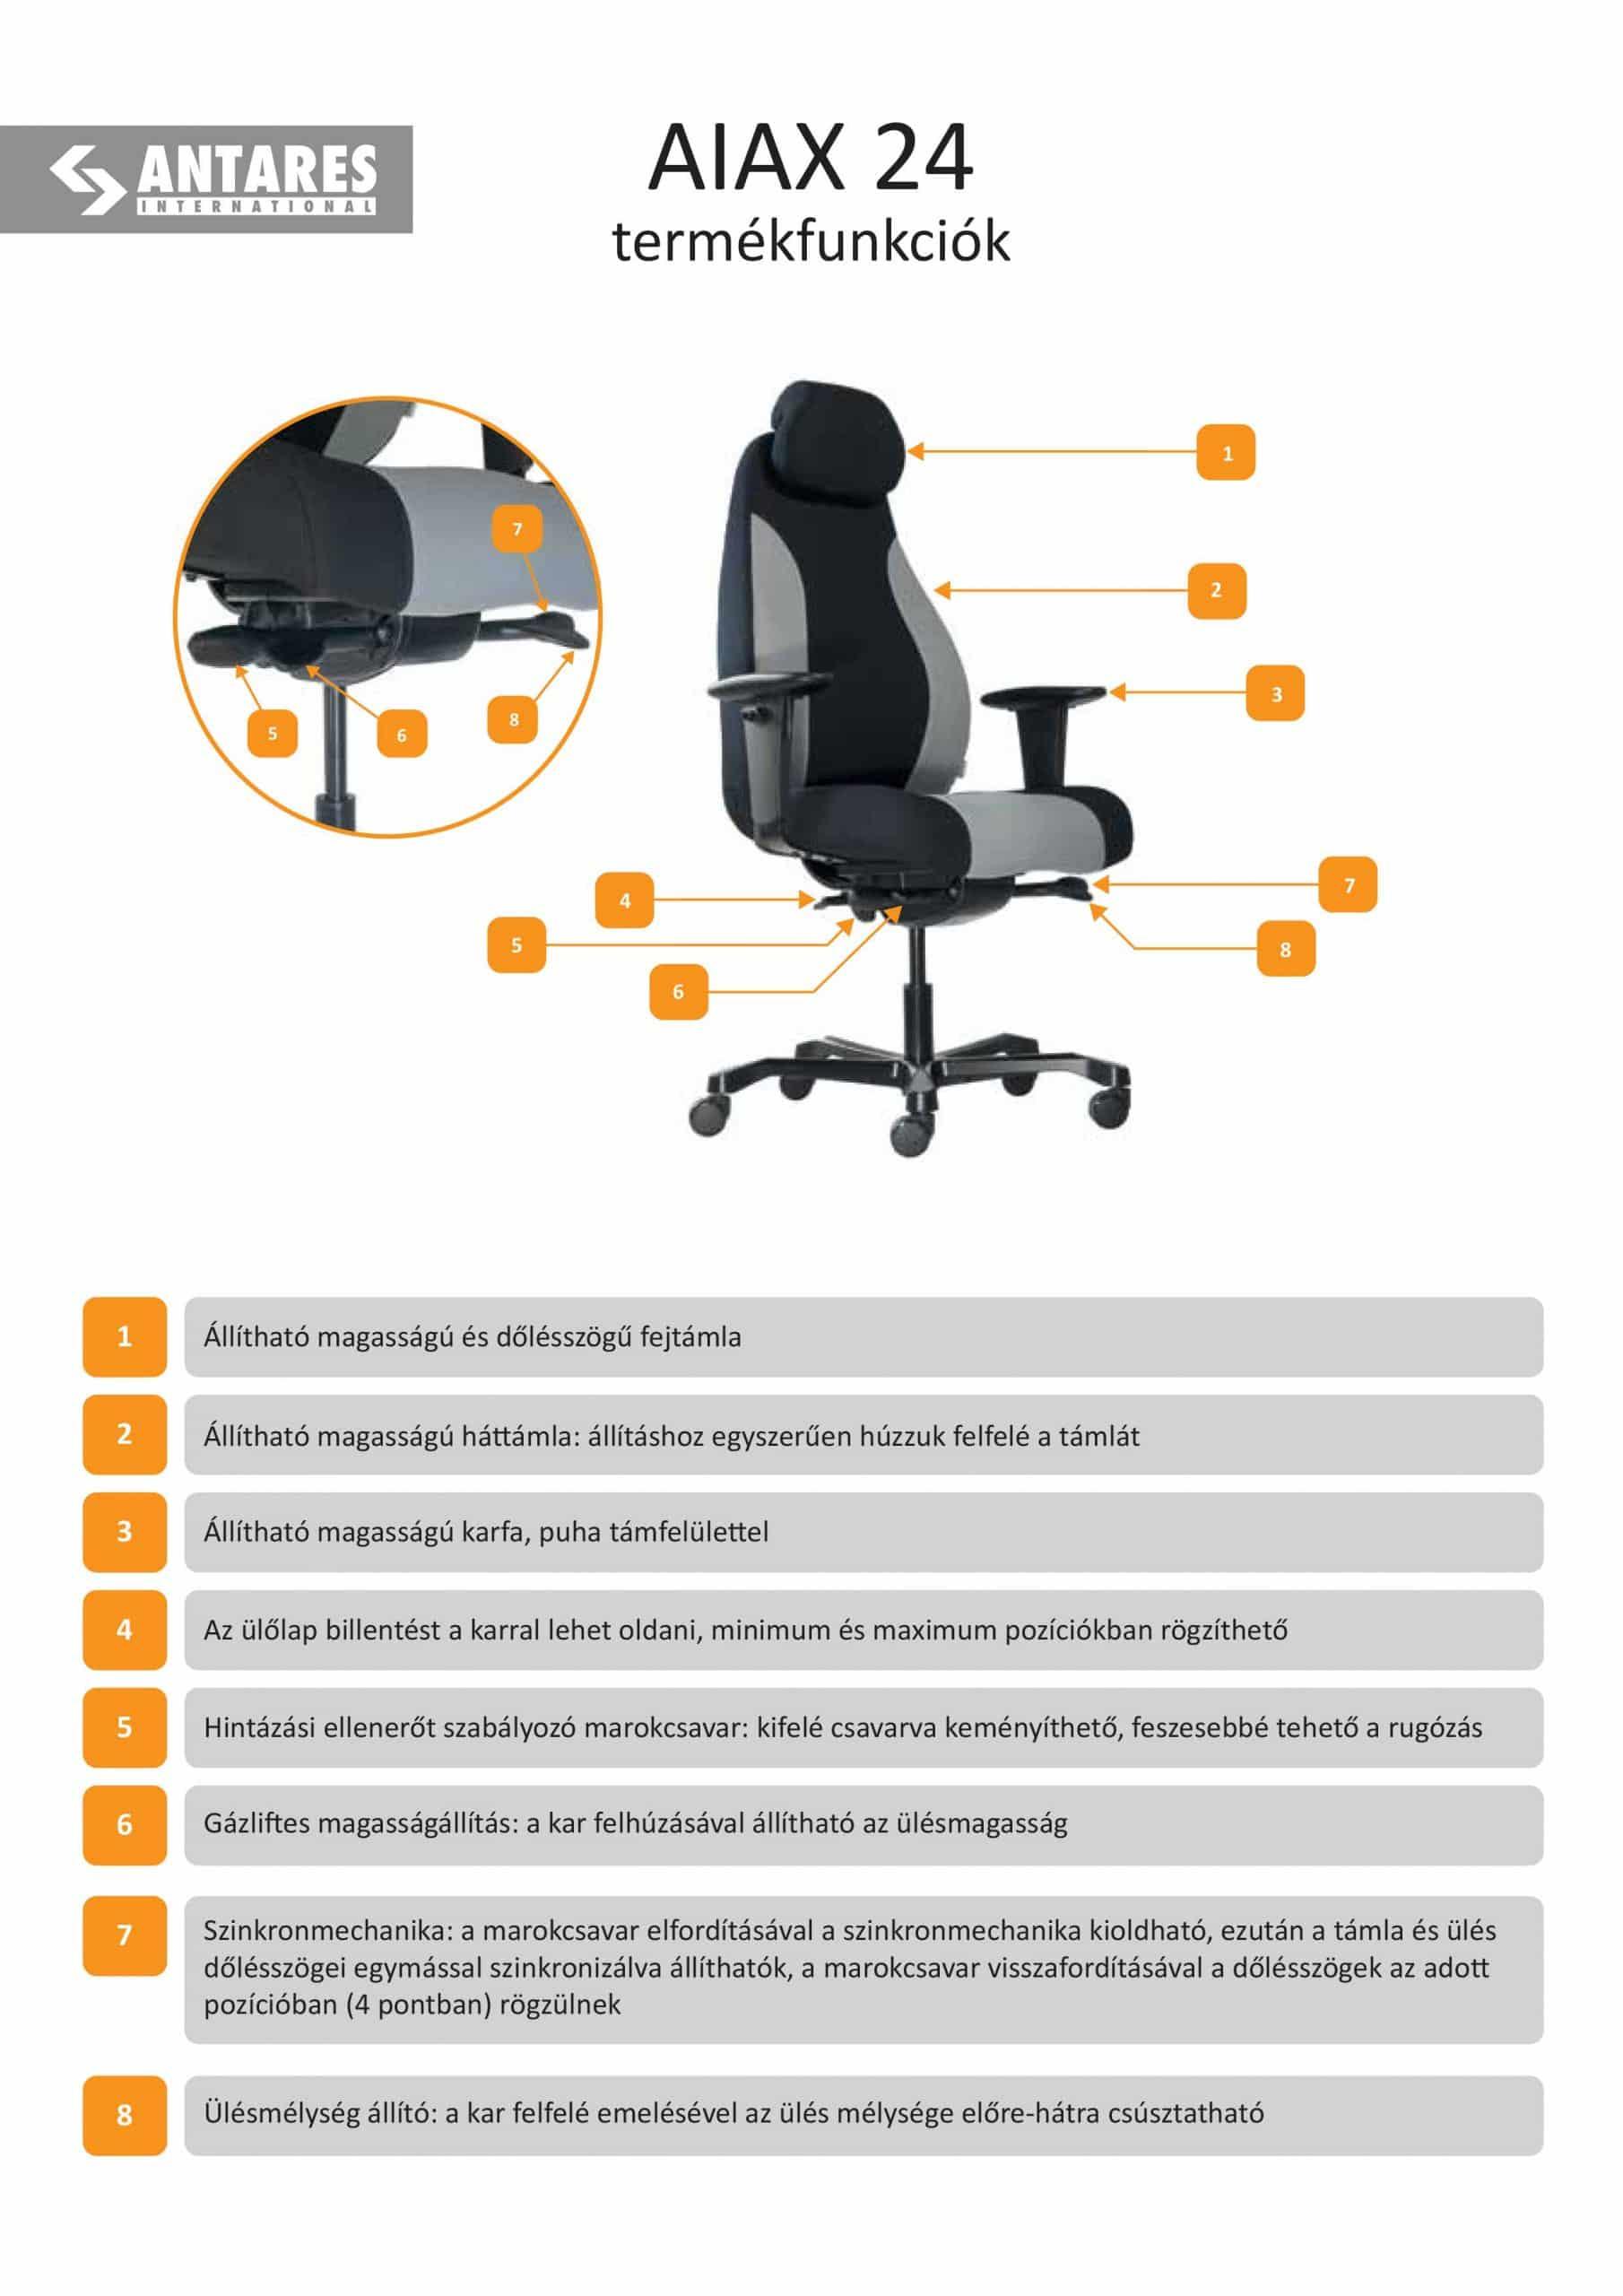 AIAX 24 termékfunkciók